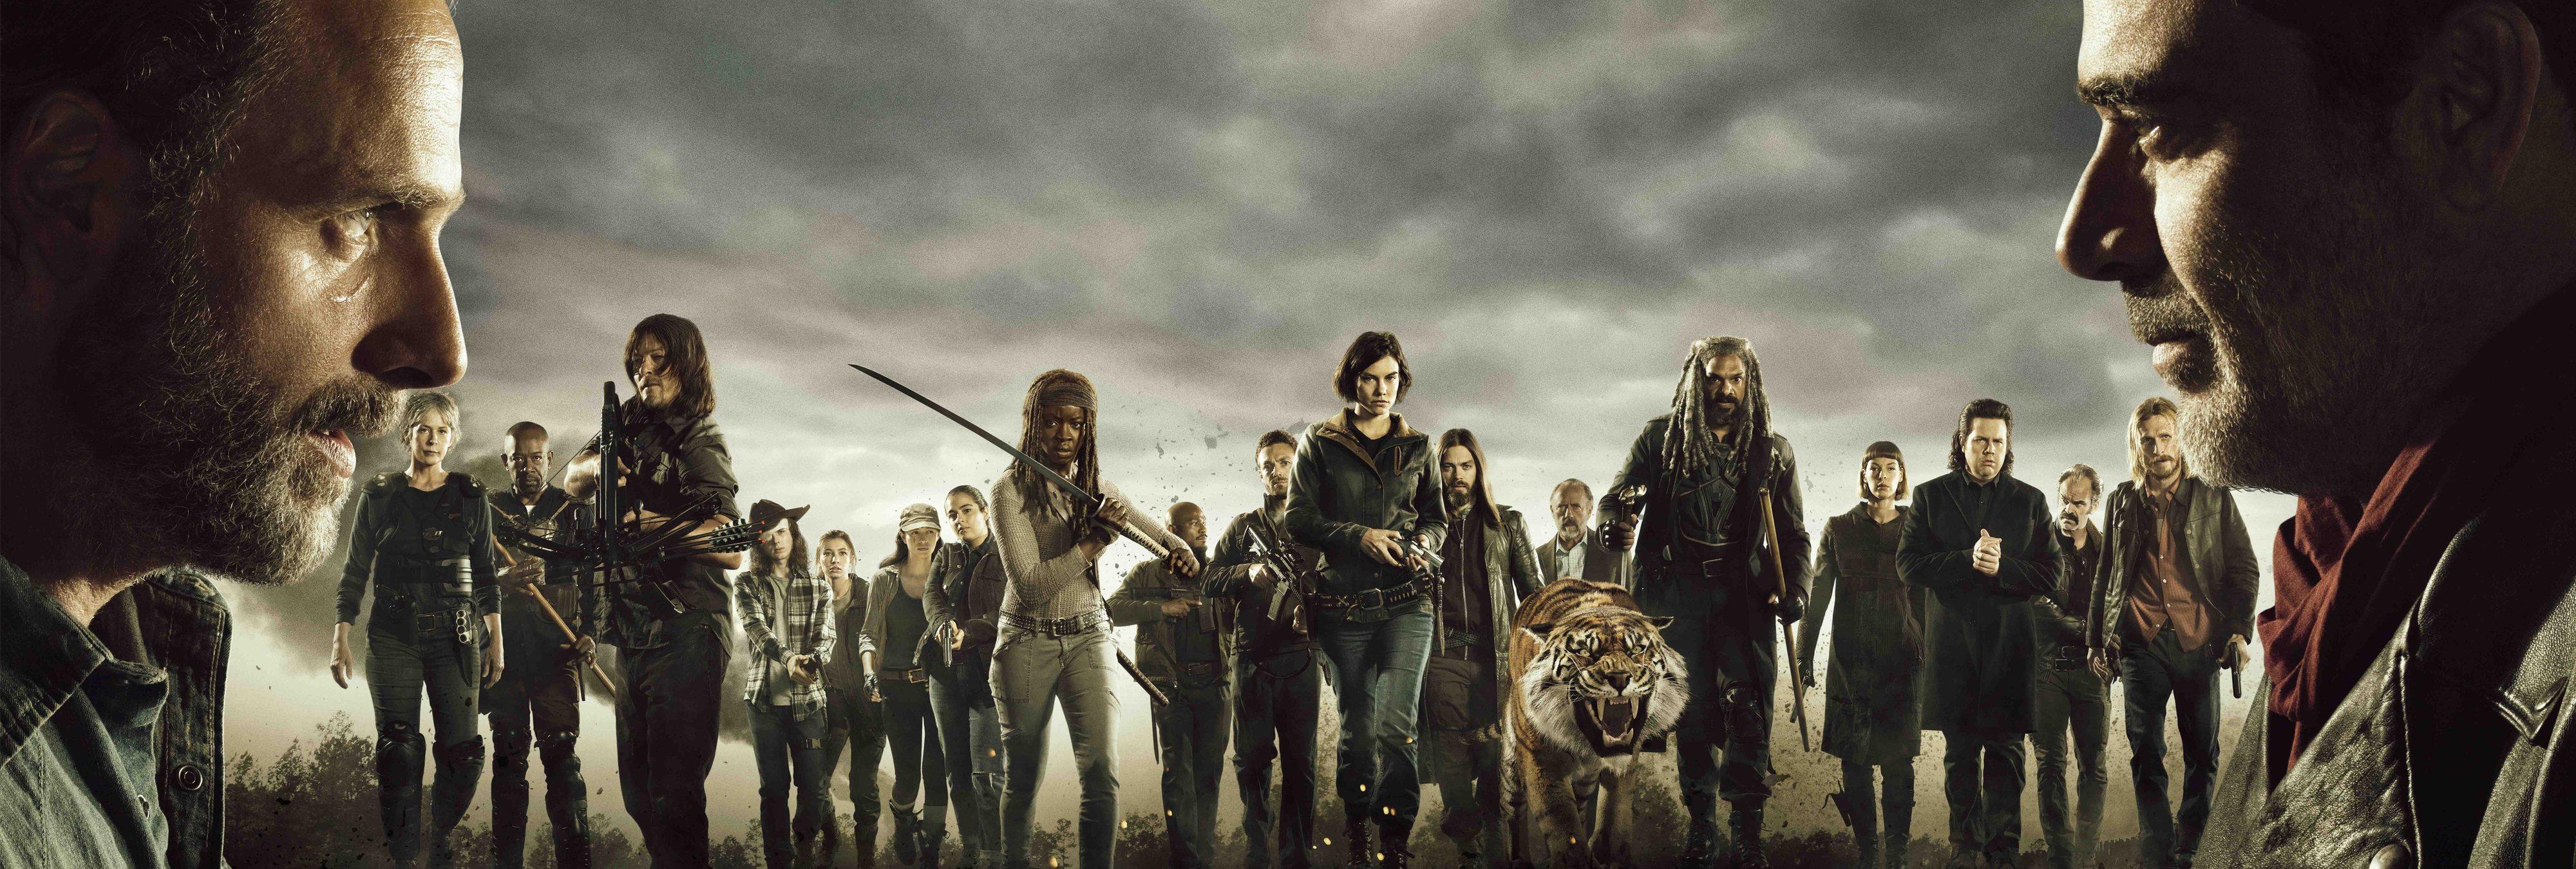 5 razones de peso para abandonar 'The Walking Dead'